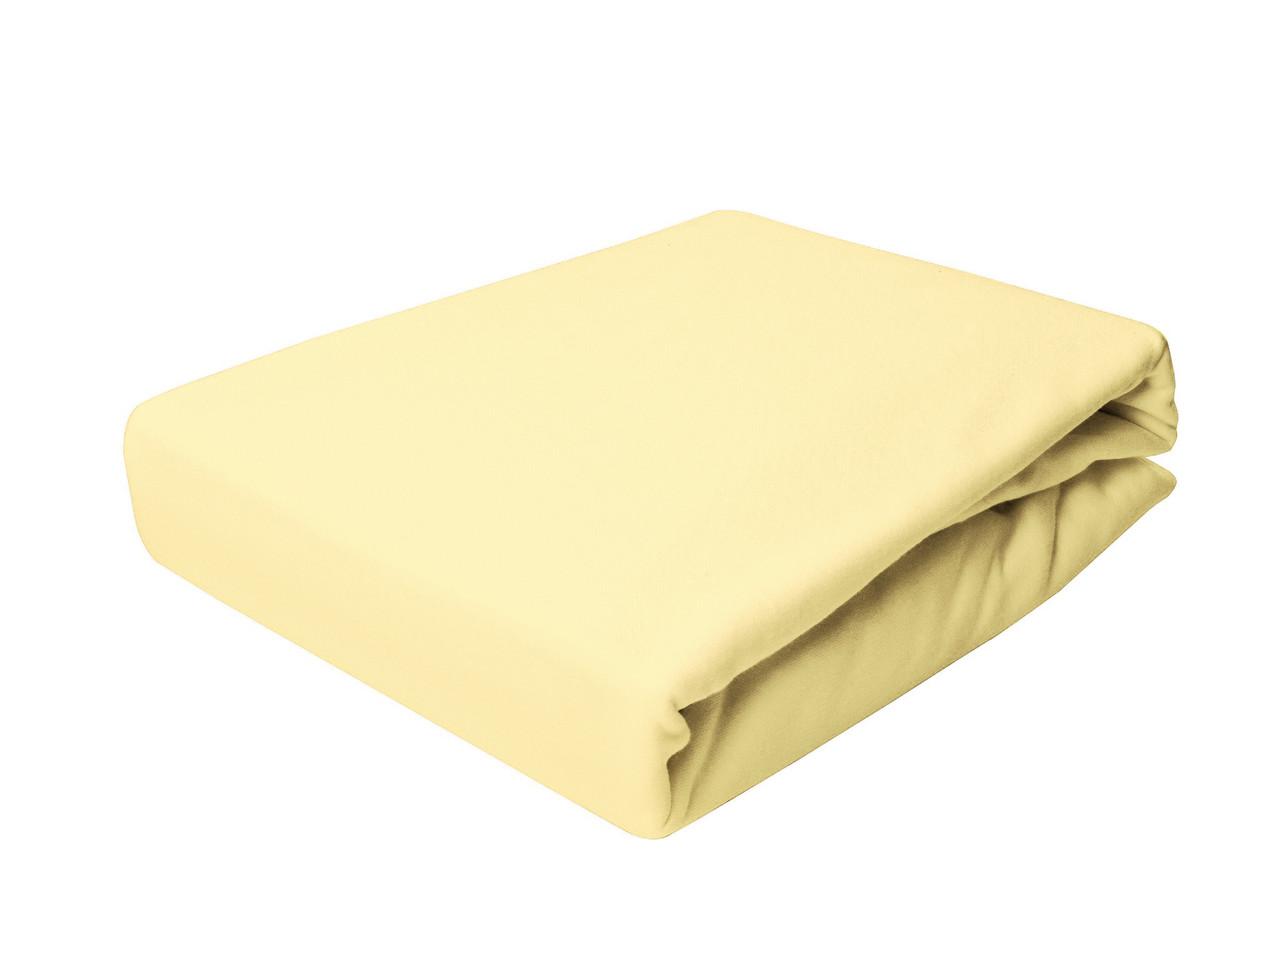 Простыня Трикотажная На резинке NR 003 P.P.H.U. J&M 5460 180x200 см Желтая